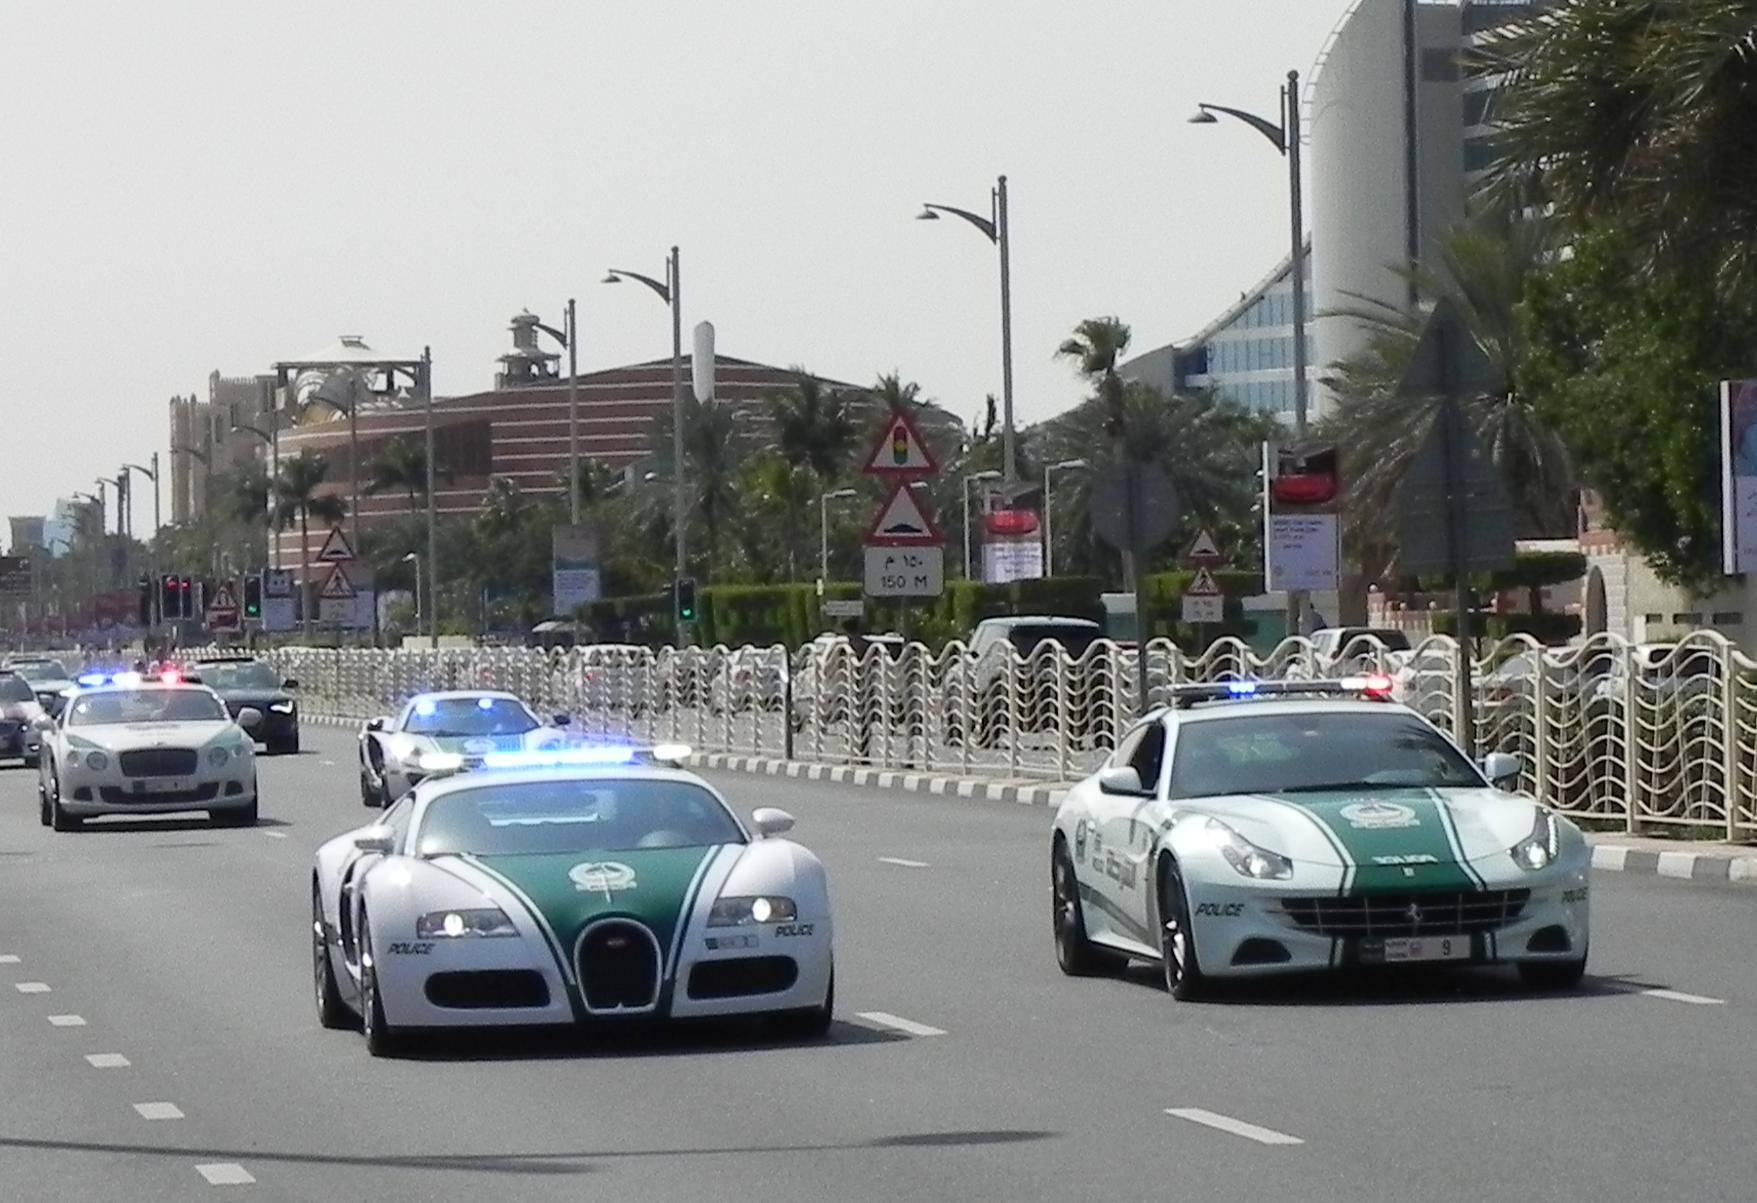 Nemoguće je pobjeći najbržim policijskim autima na svijetu